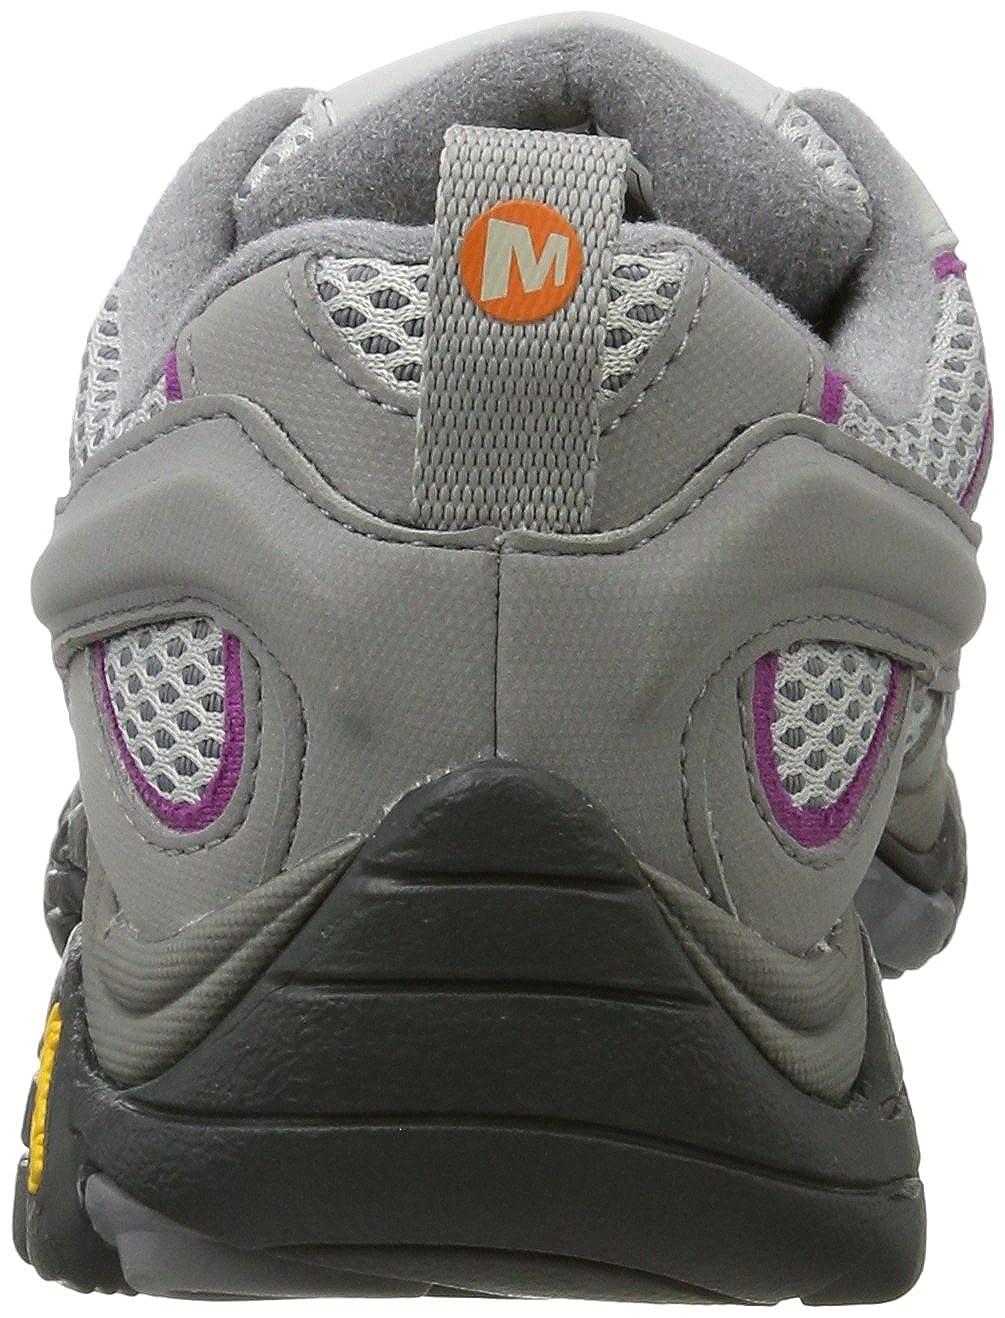 Merrell Damen Moab 2 GTX Trekking- & Wanderhalbschuhe grün 37 37 37 EU 8c913f